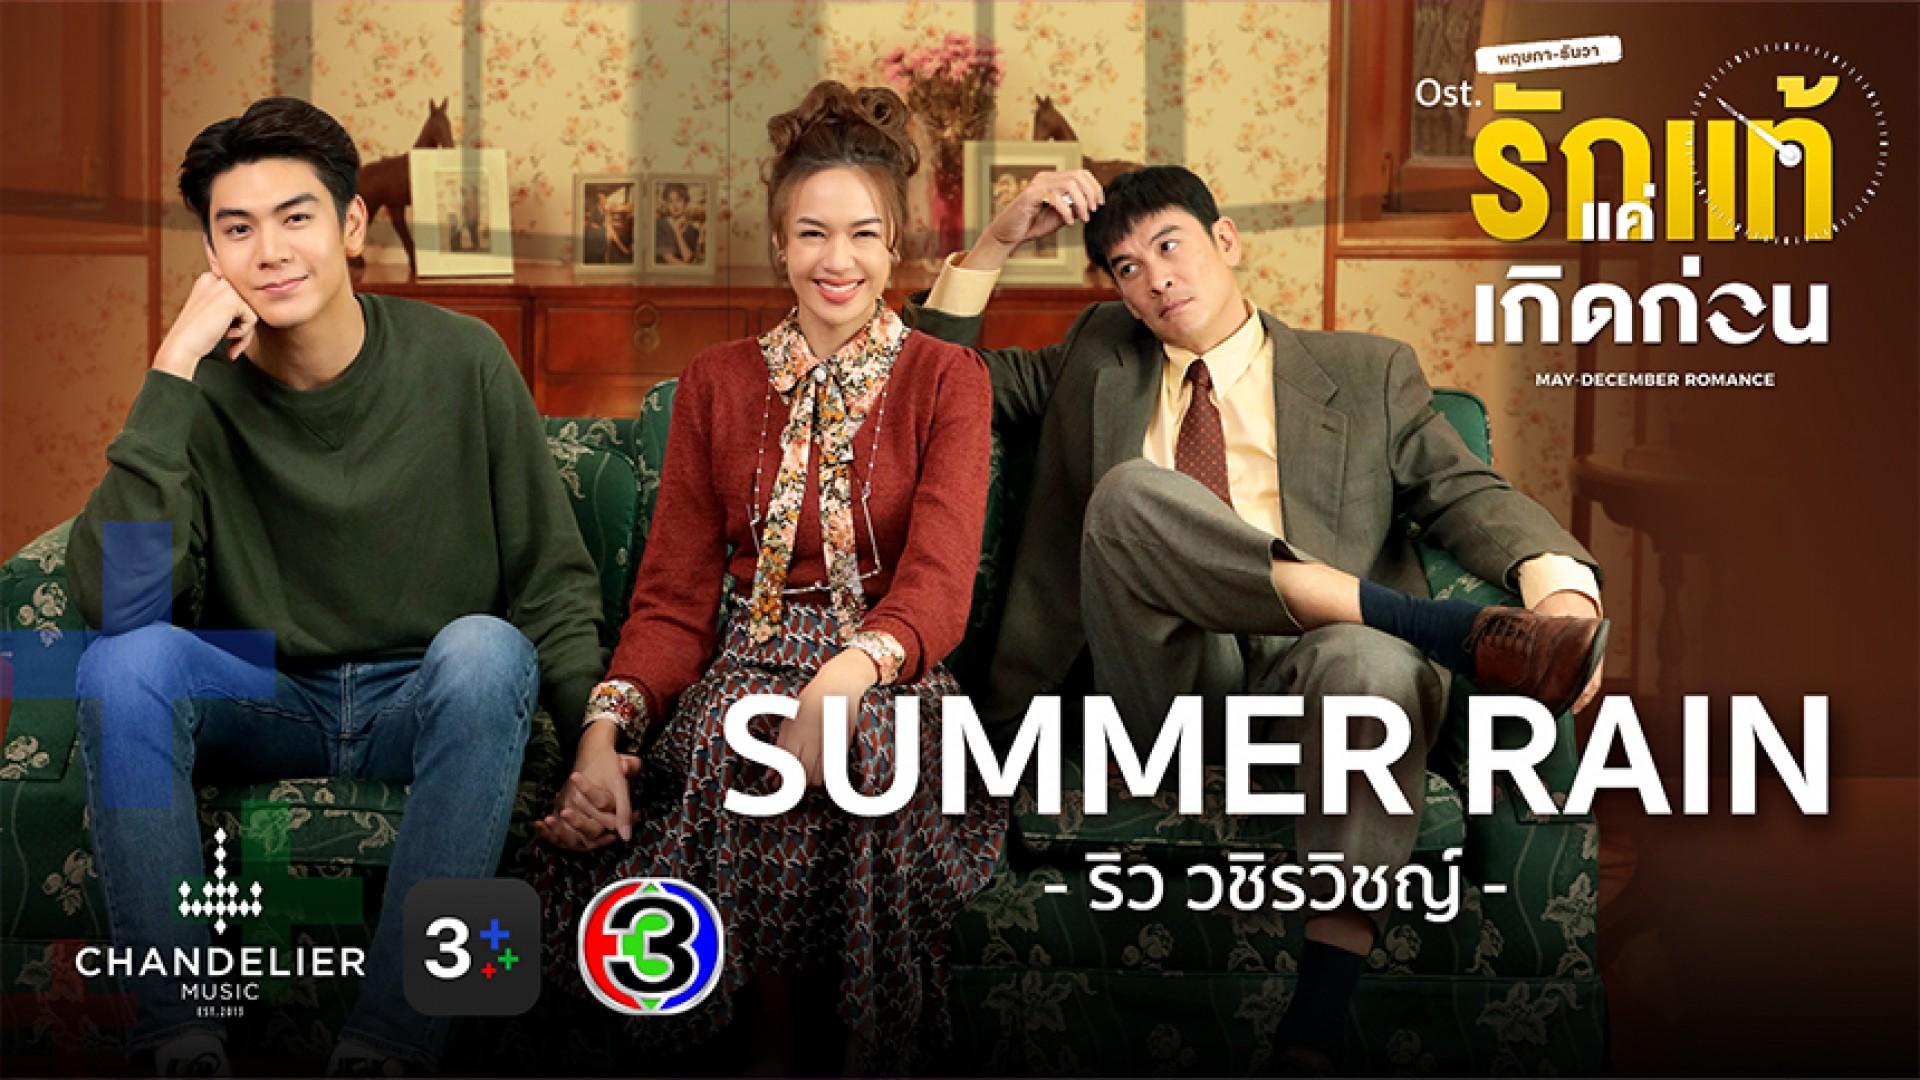 Summer Rain Ost.พฤษภา-ธันวา รักแท้แค่เกิดก่อน | ริว วชิรวิชญ์ | Official MV